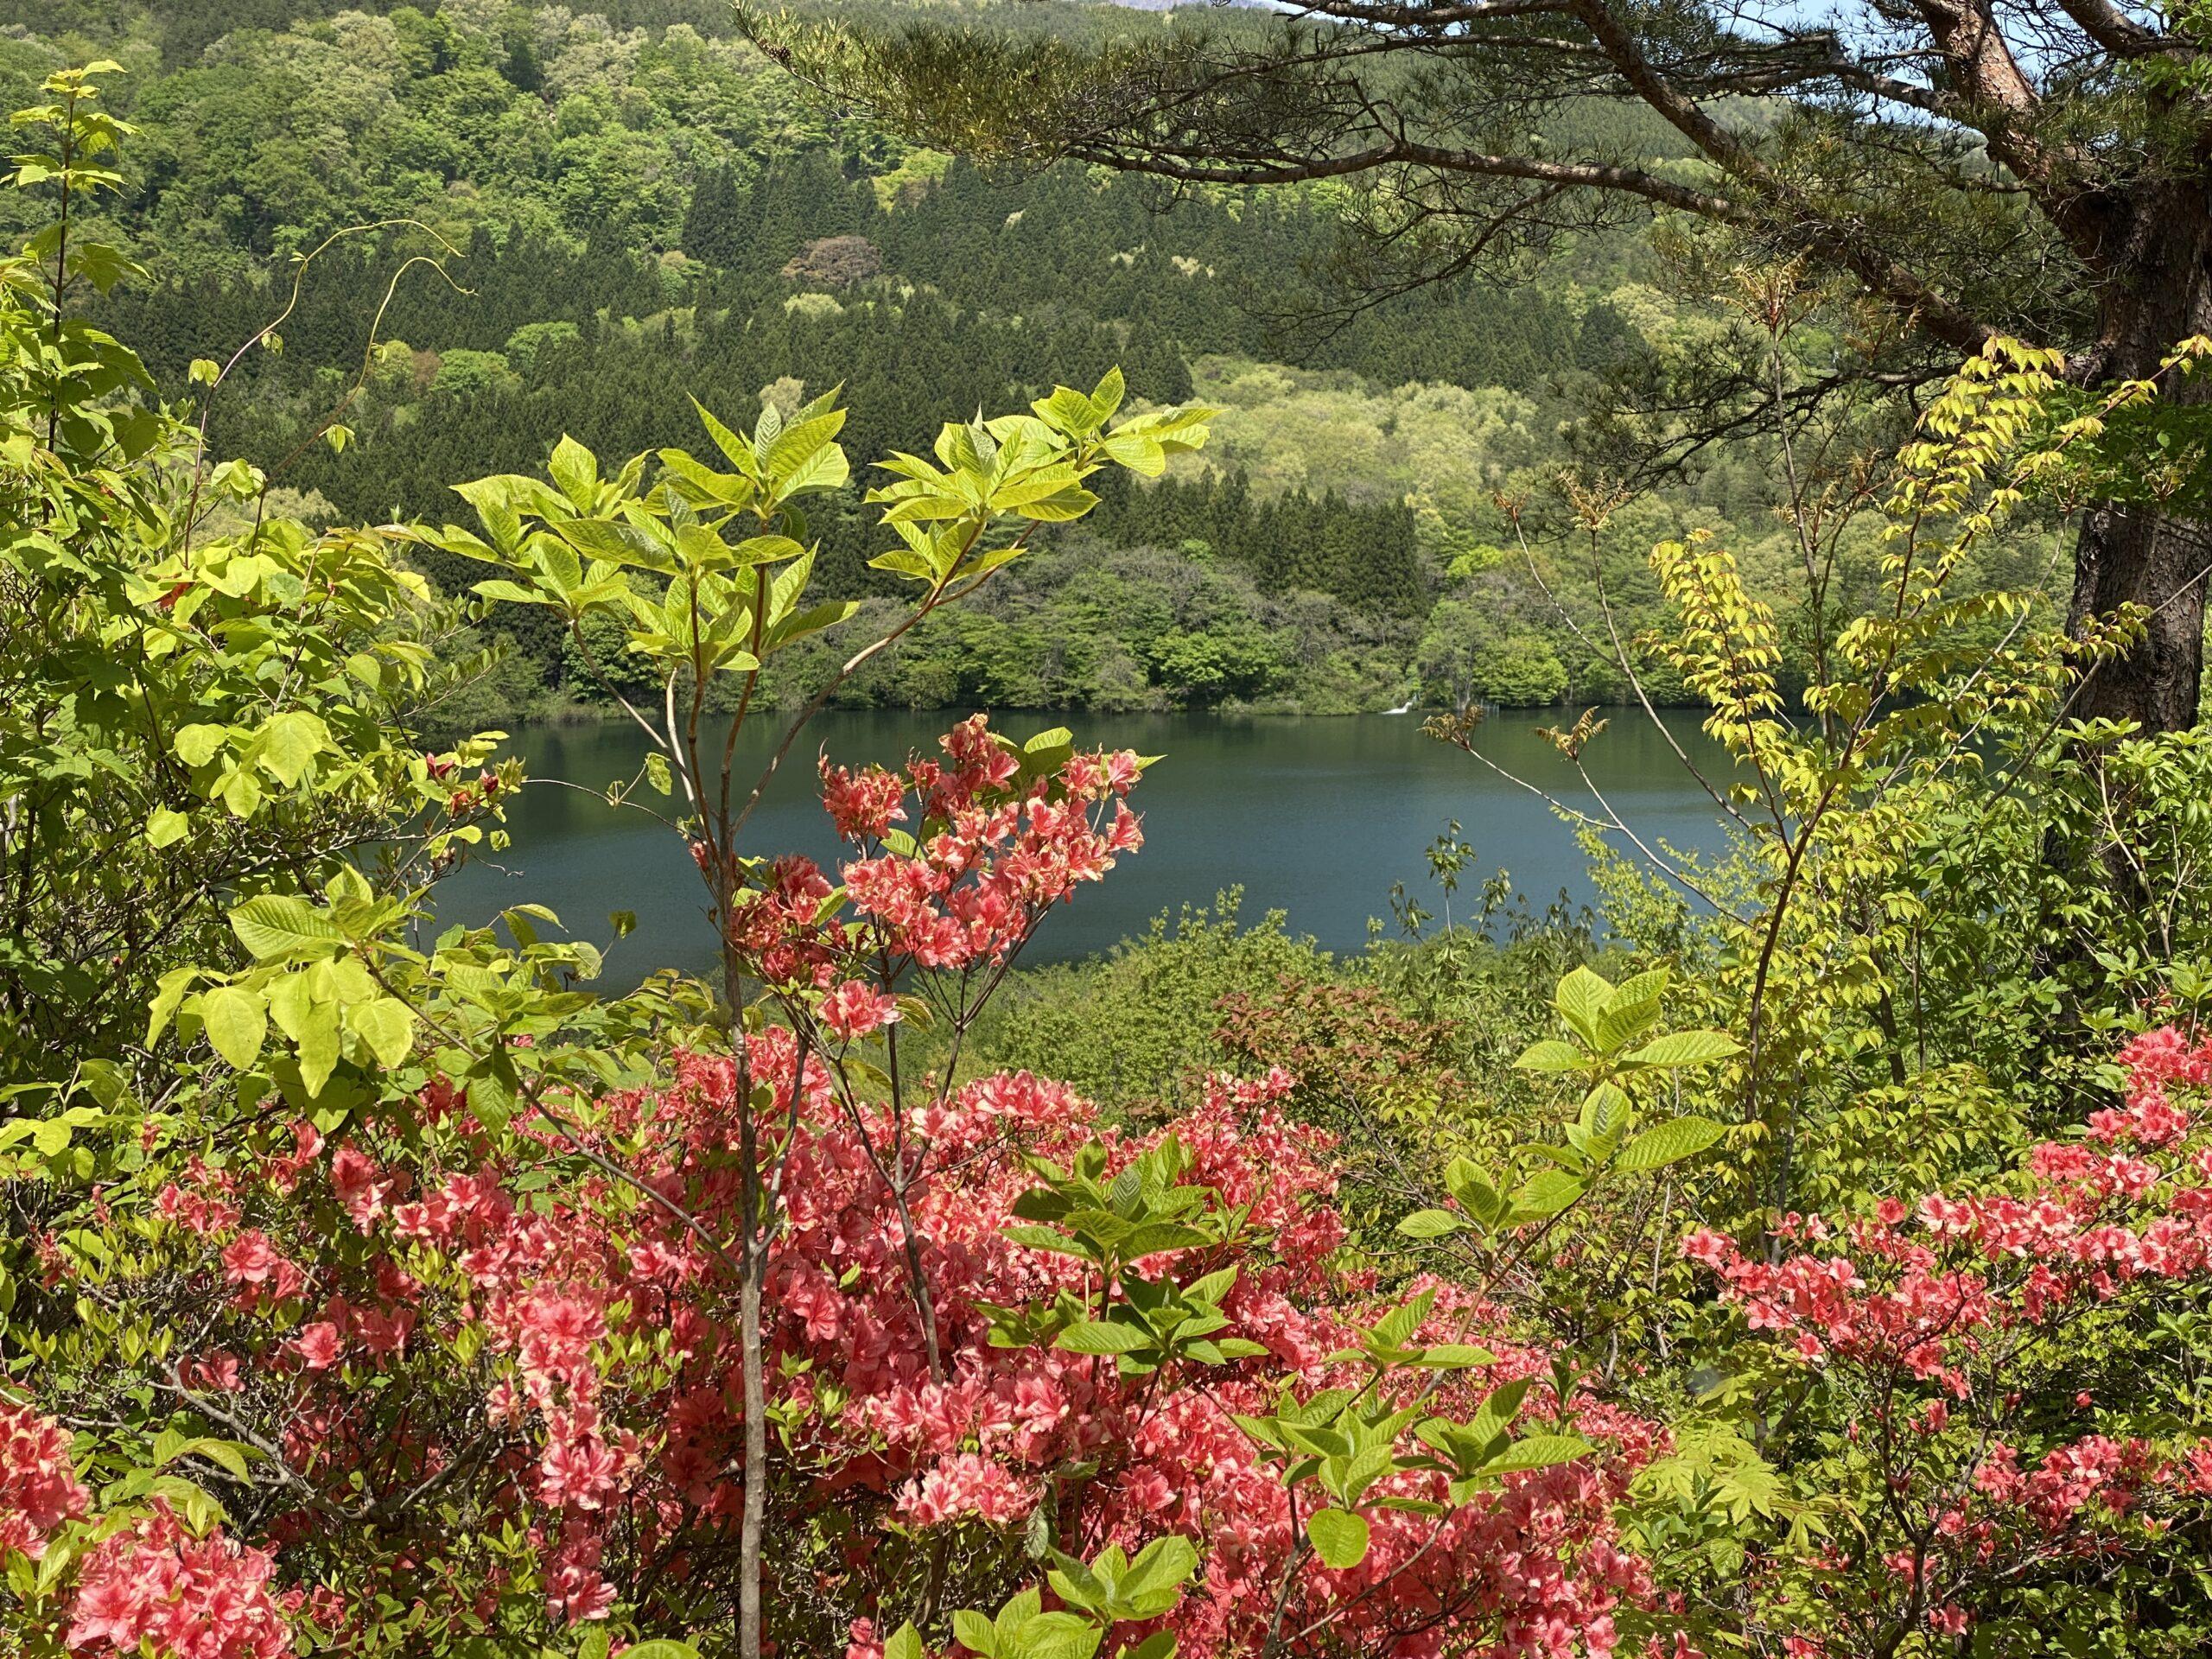 【ふくしま花廻廊】5月中旬から下旬が見頃!山一面の野生つつじと新緑&温泉を堪能